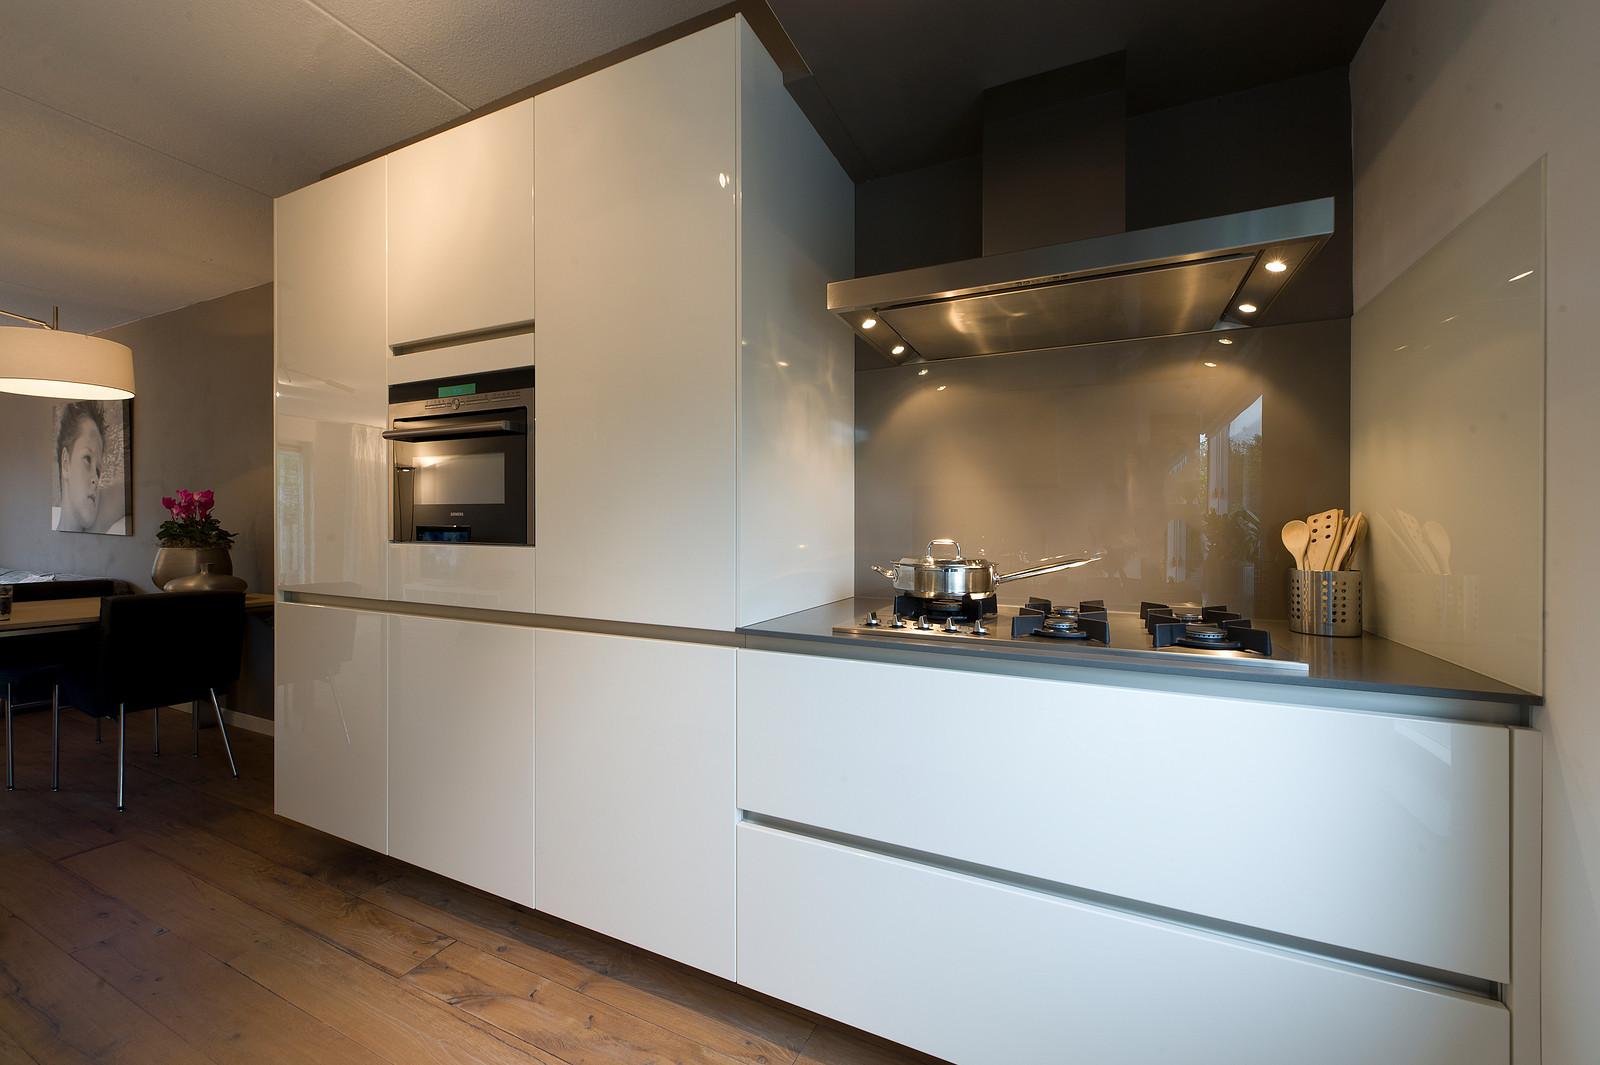 Hoogglans Witte Keuken : Witte hoogglans keuken schuller uw keuken